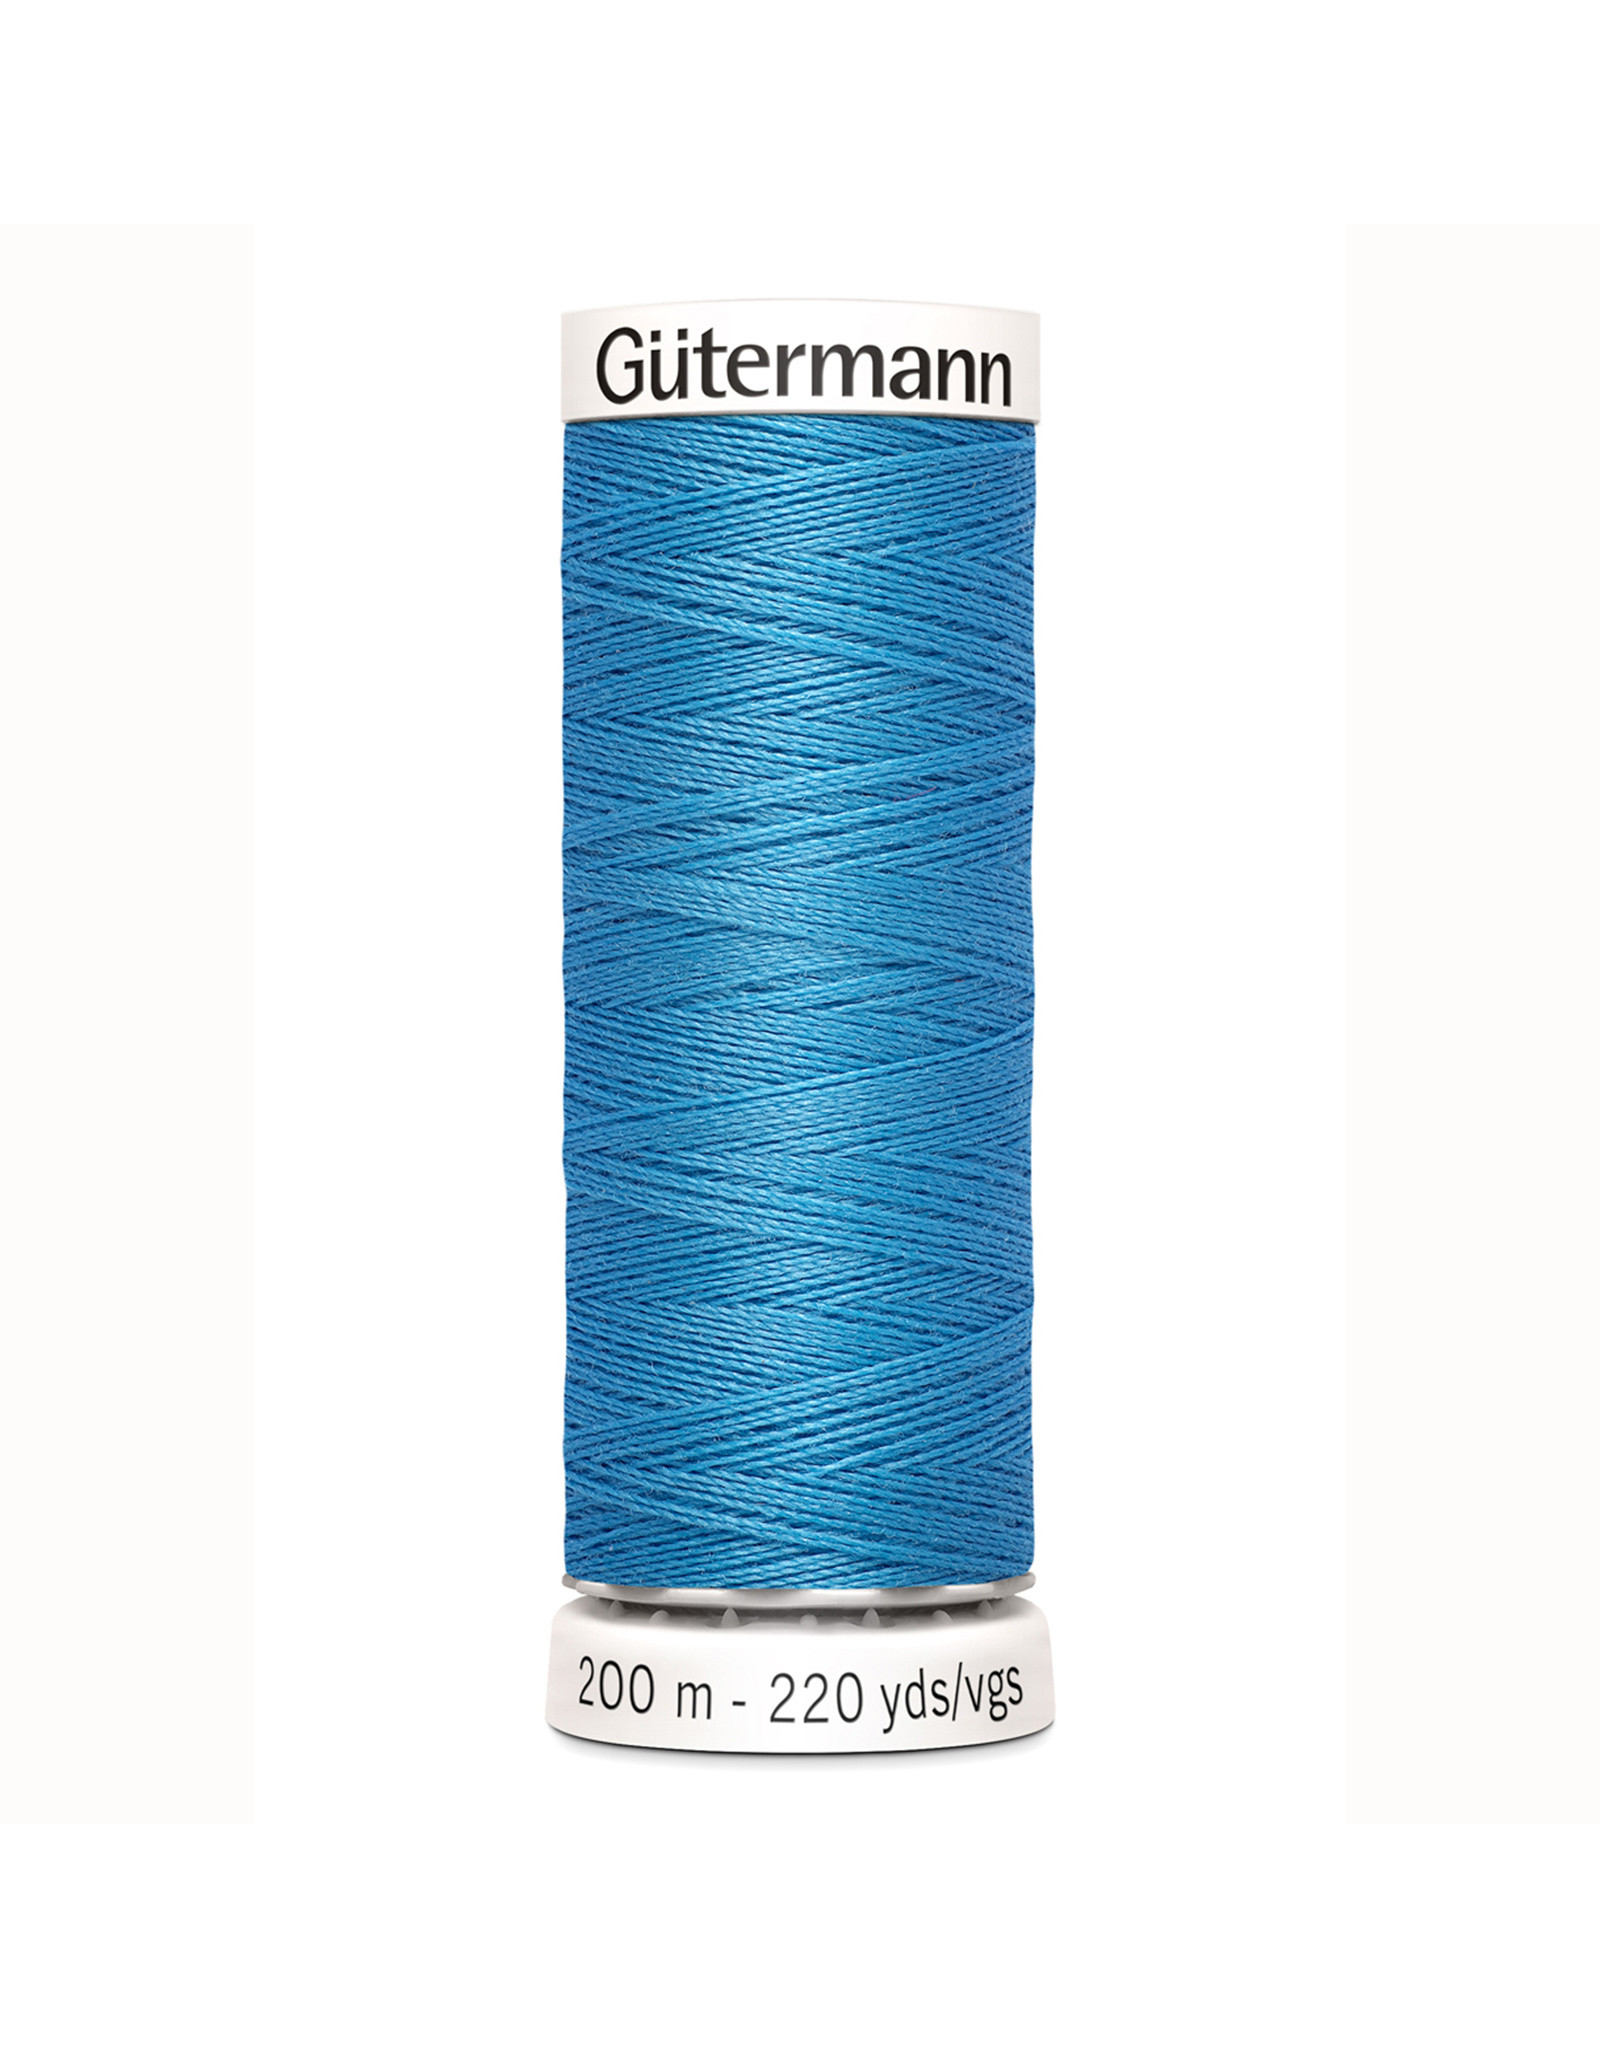 Gütermann Gütermann Sewing Thread 200 m - nr 278